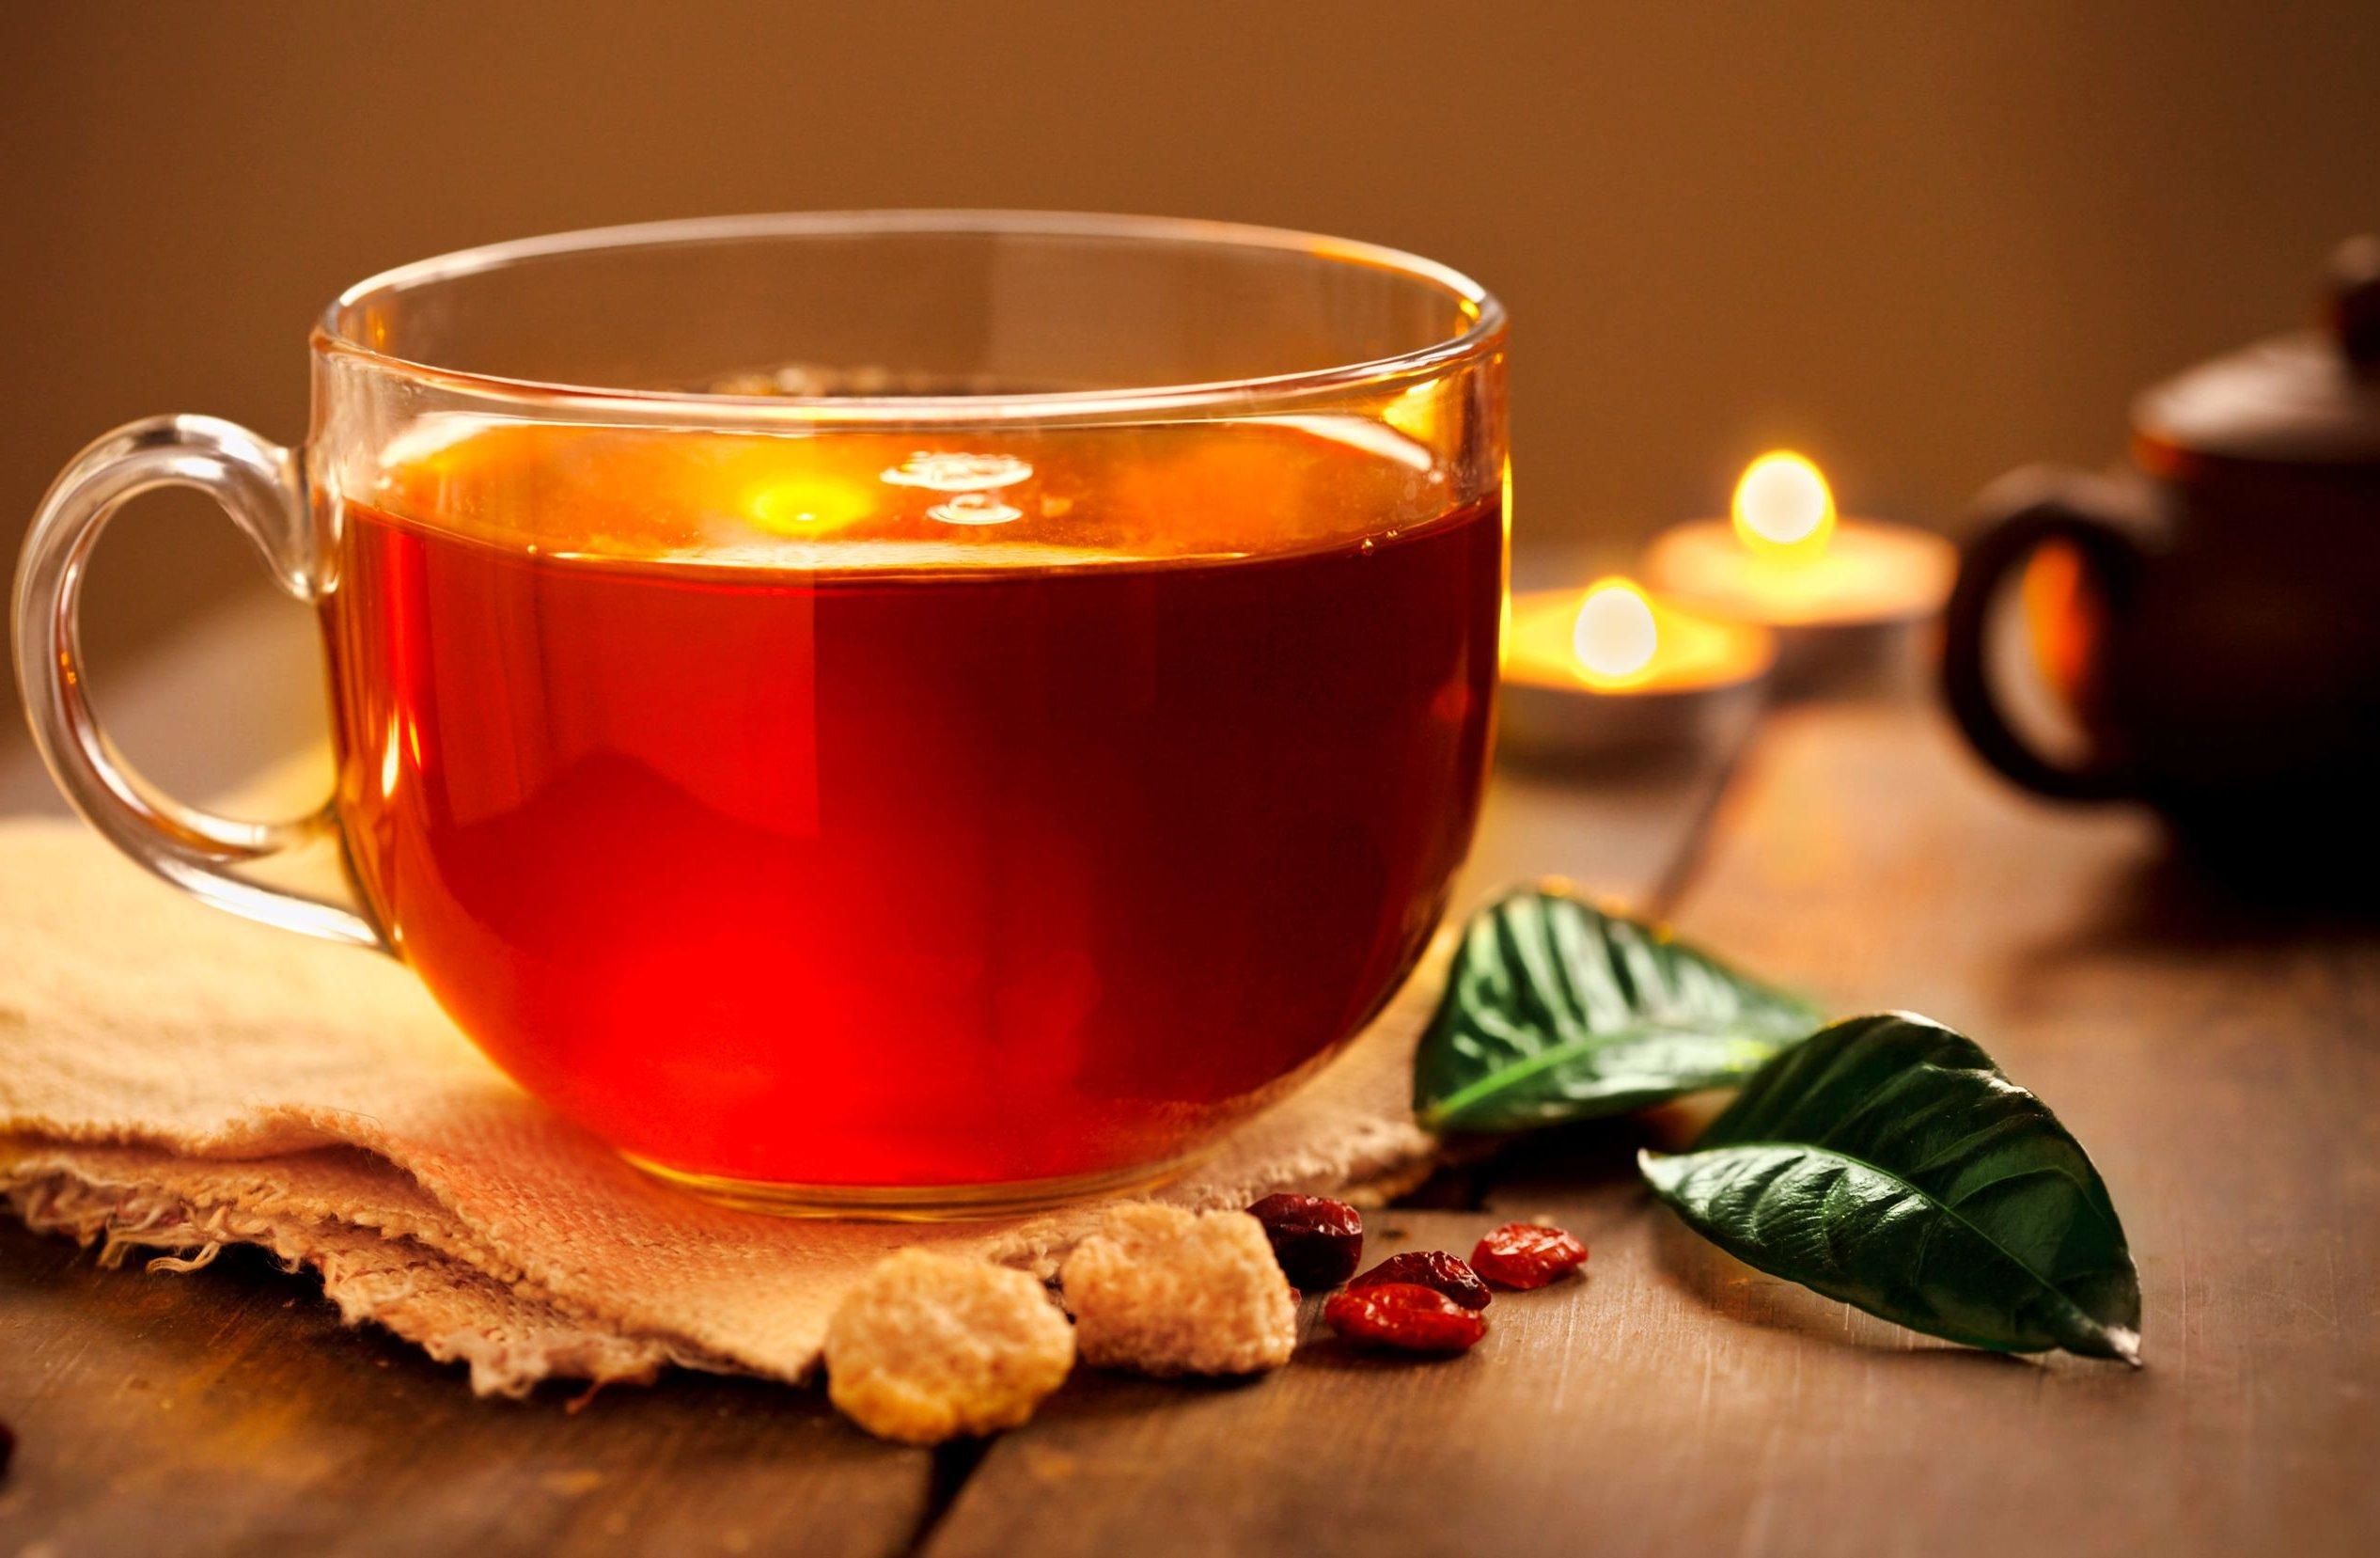 باشگاه خبرنگاران -ترفندهایی ساده برای درست کردن خوش طمع ترین چای